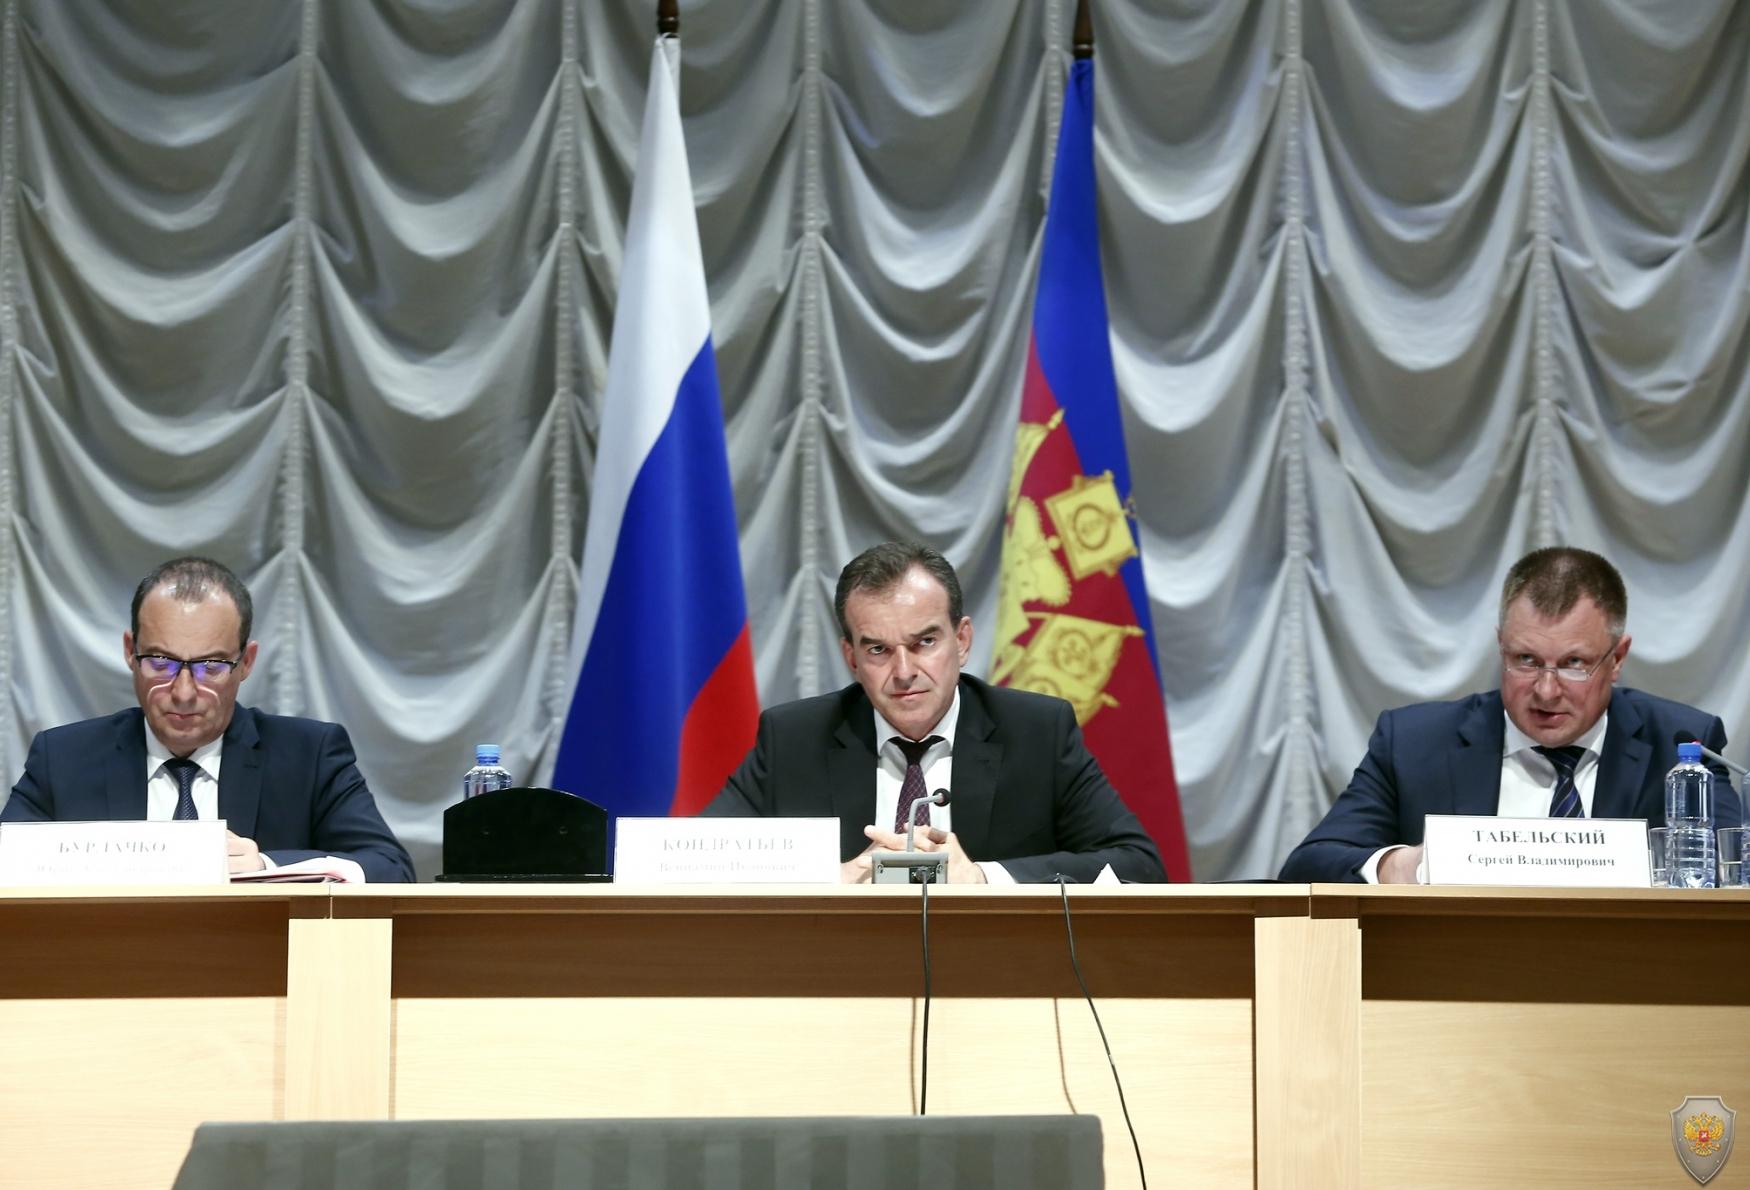 Прошло совместное выездное заседание Антитеррористической комиссии и Оперативного штаба в Краснодарском крае